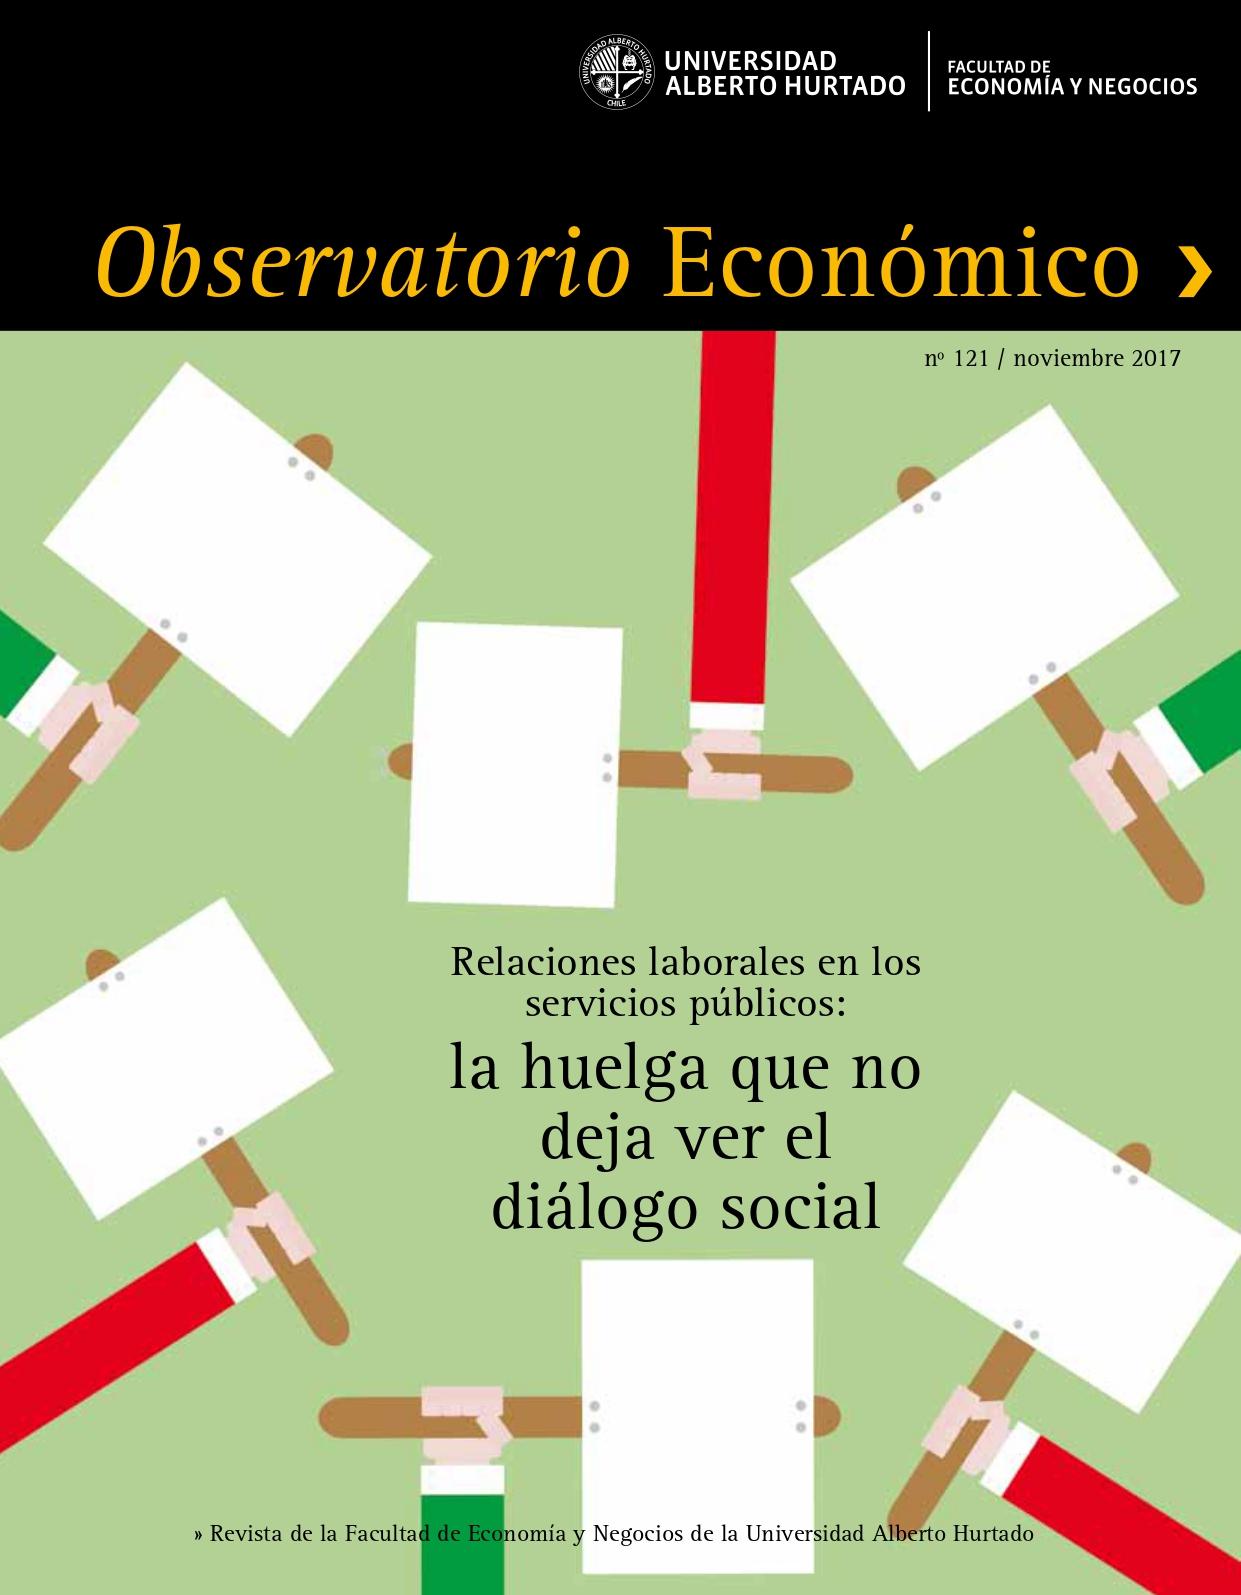 """Título del número de la revista : """"Relaciones laborales en los servicios públicos : la huelga que no deja ver el diálogo social"""""""